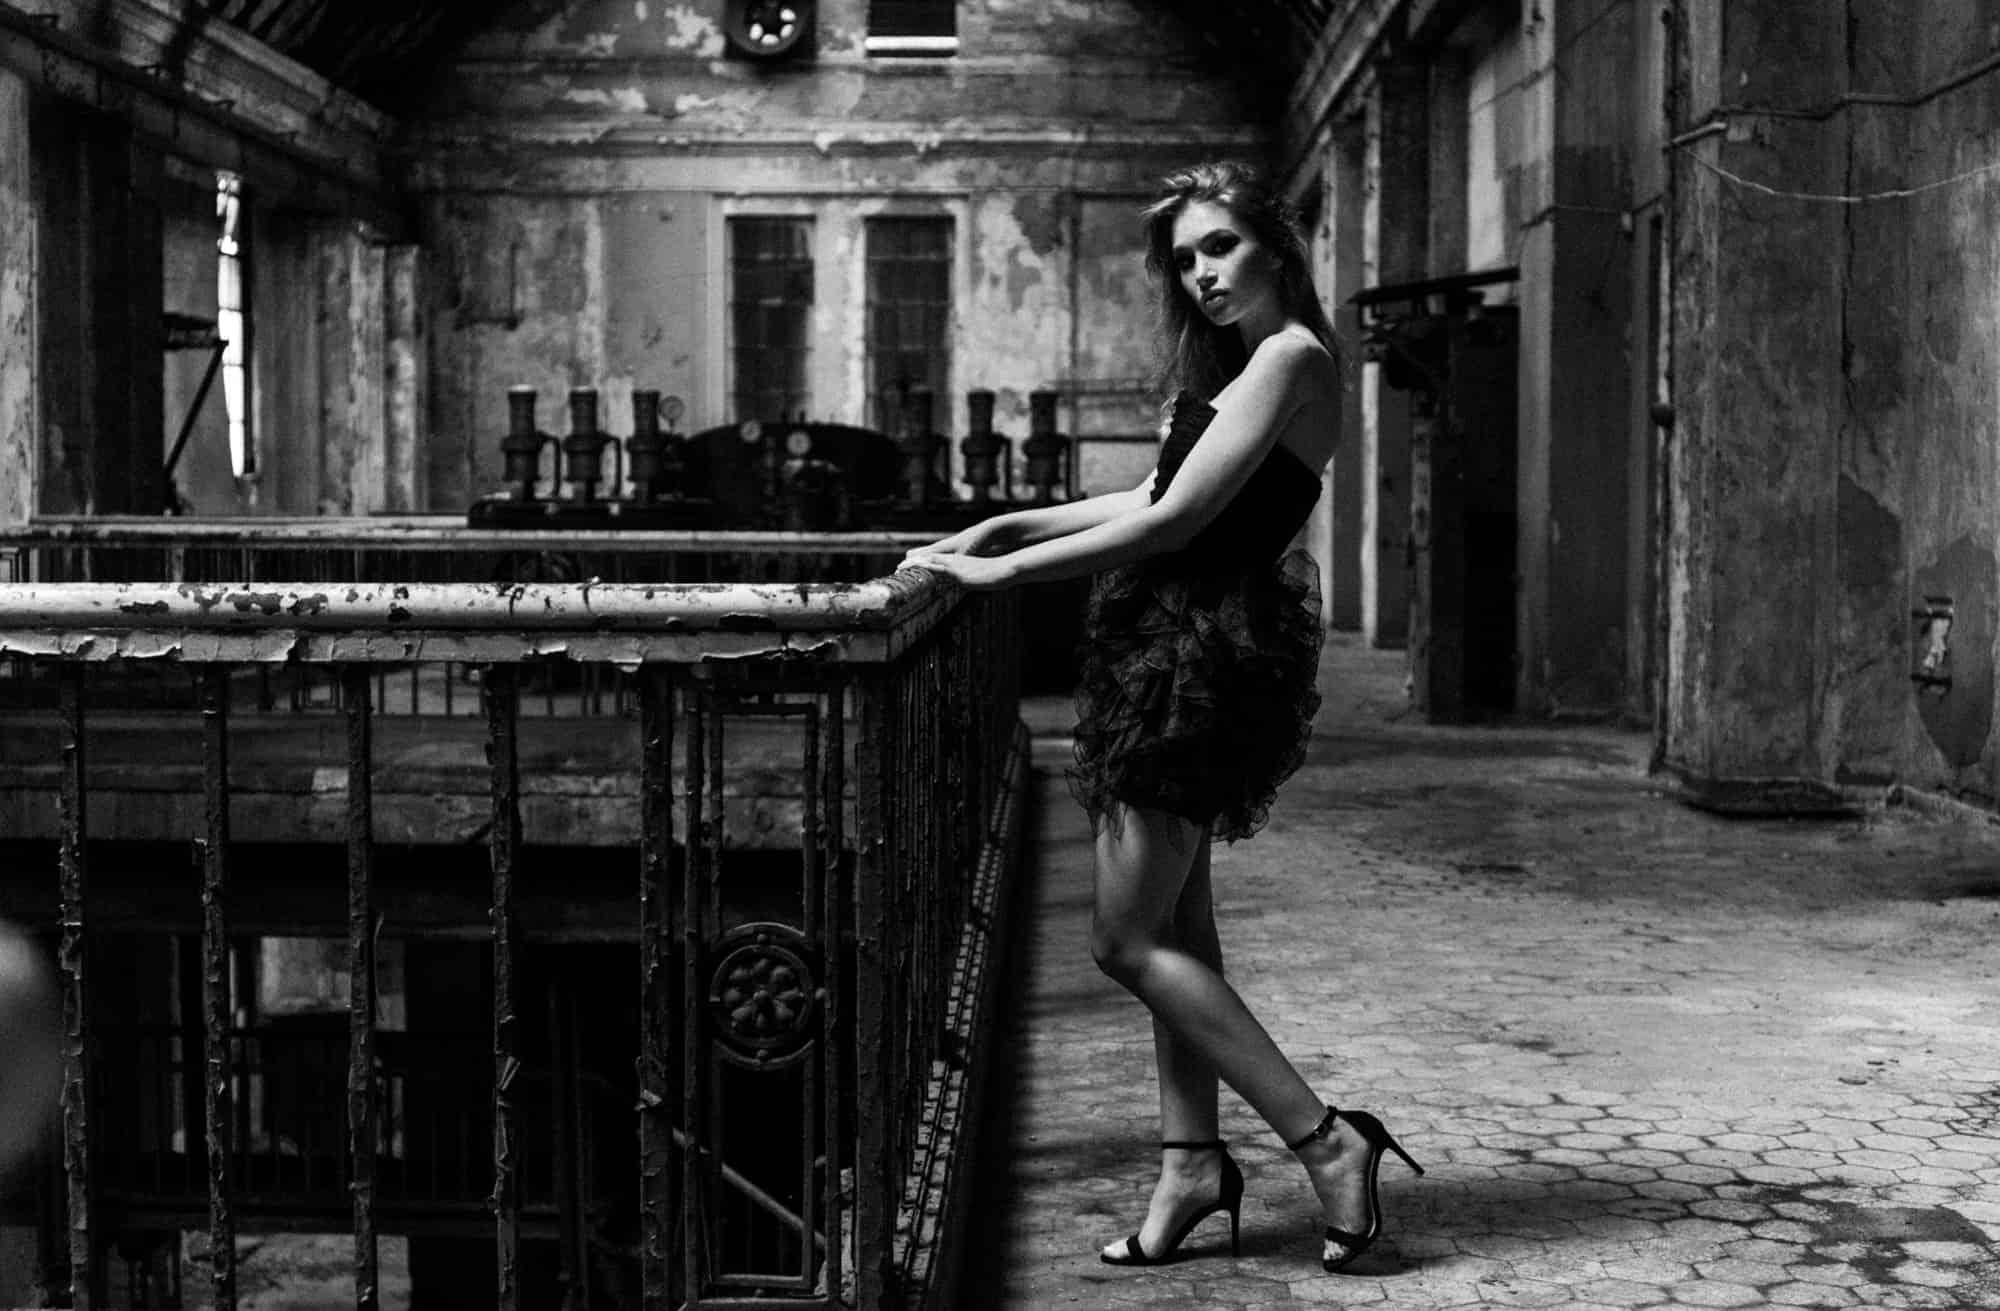 szombierki bytom, monochrome photography